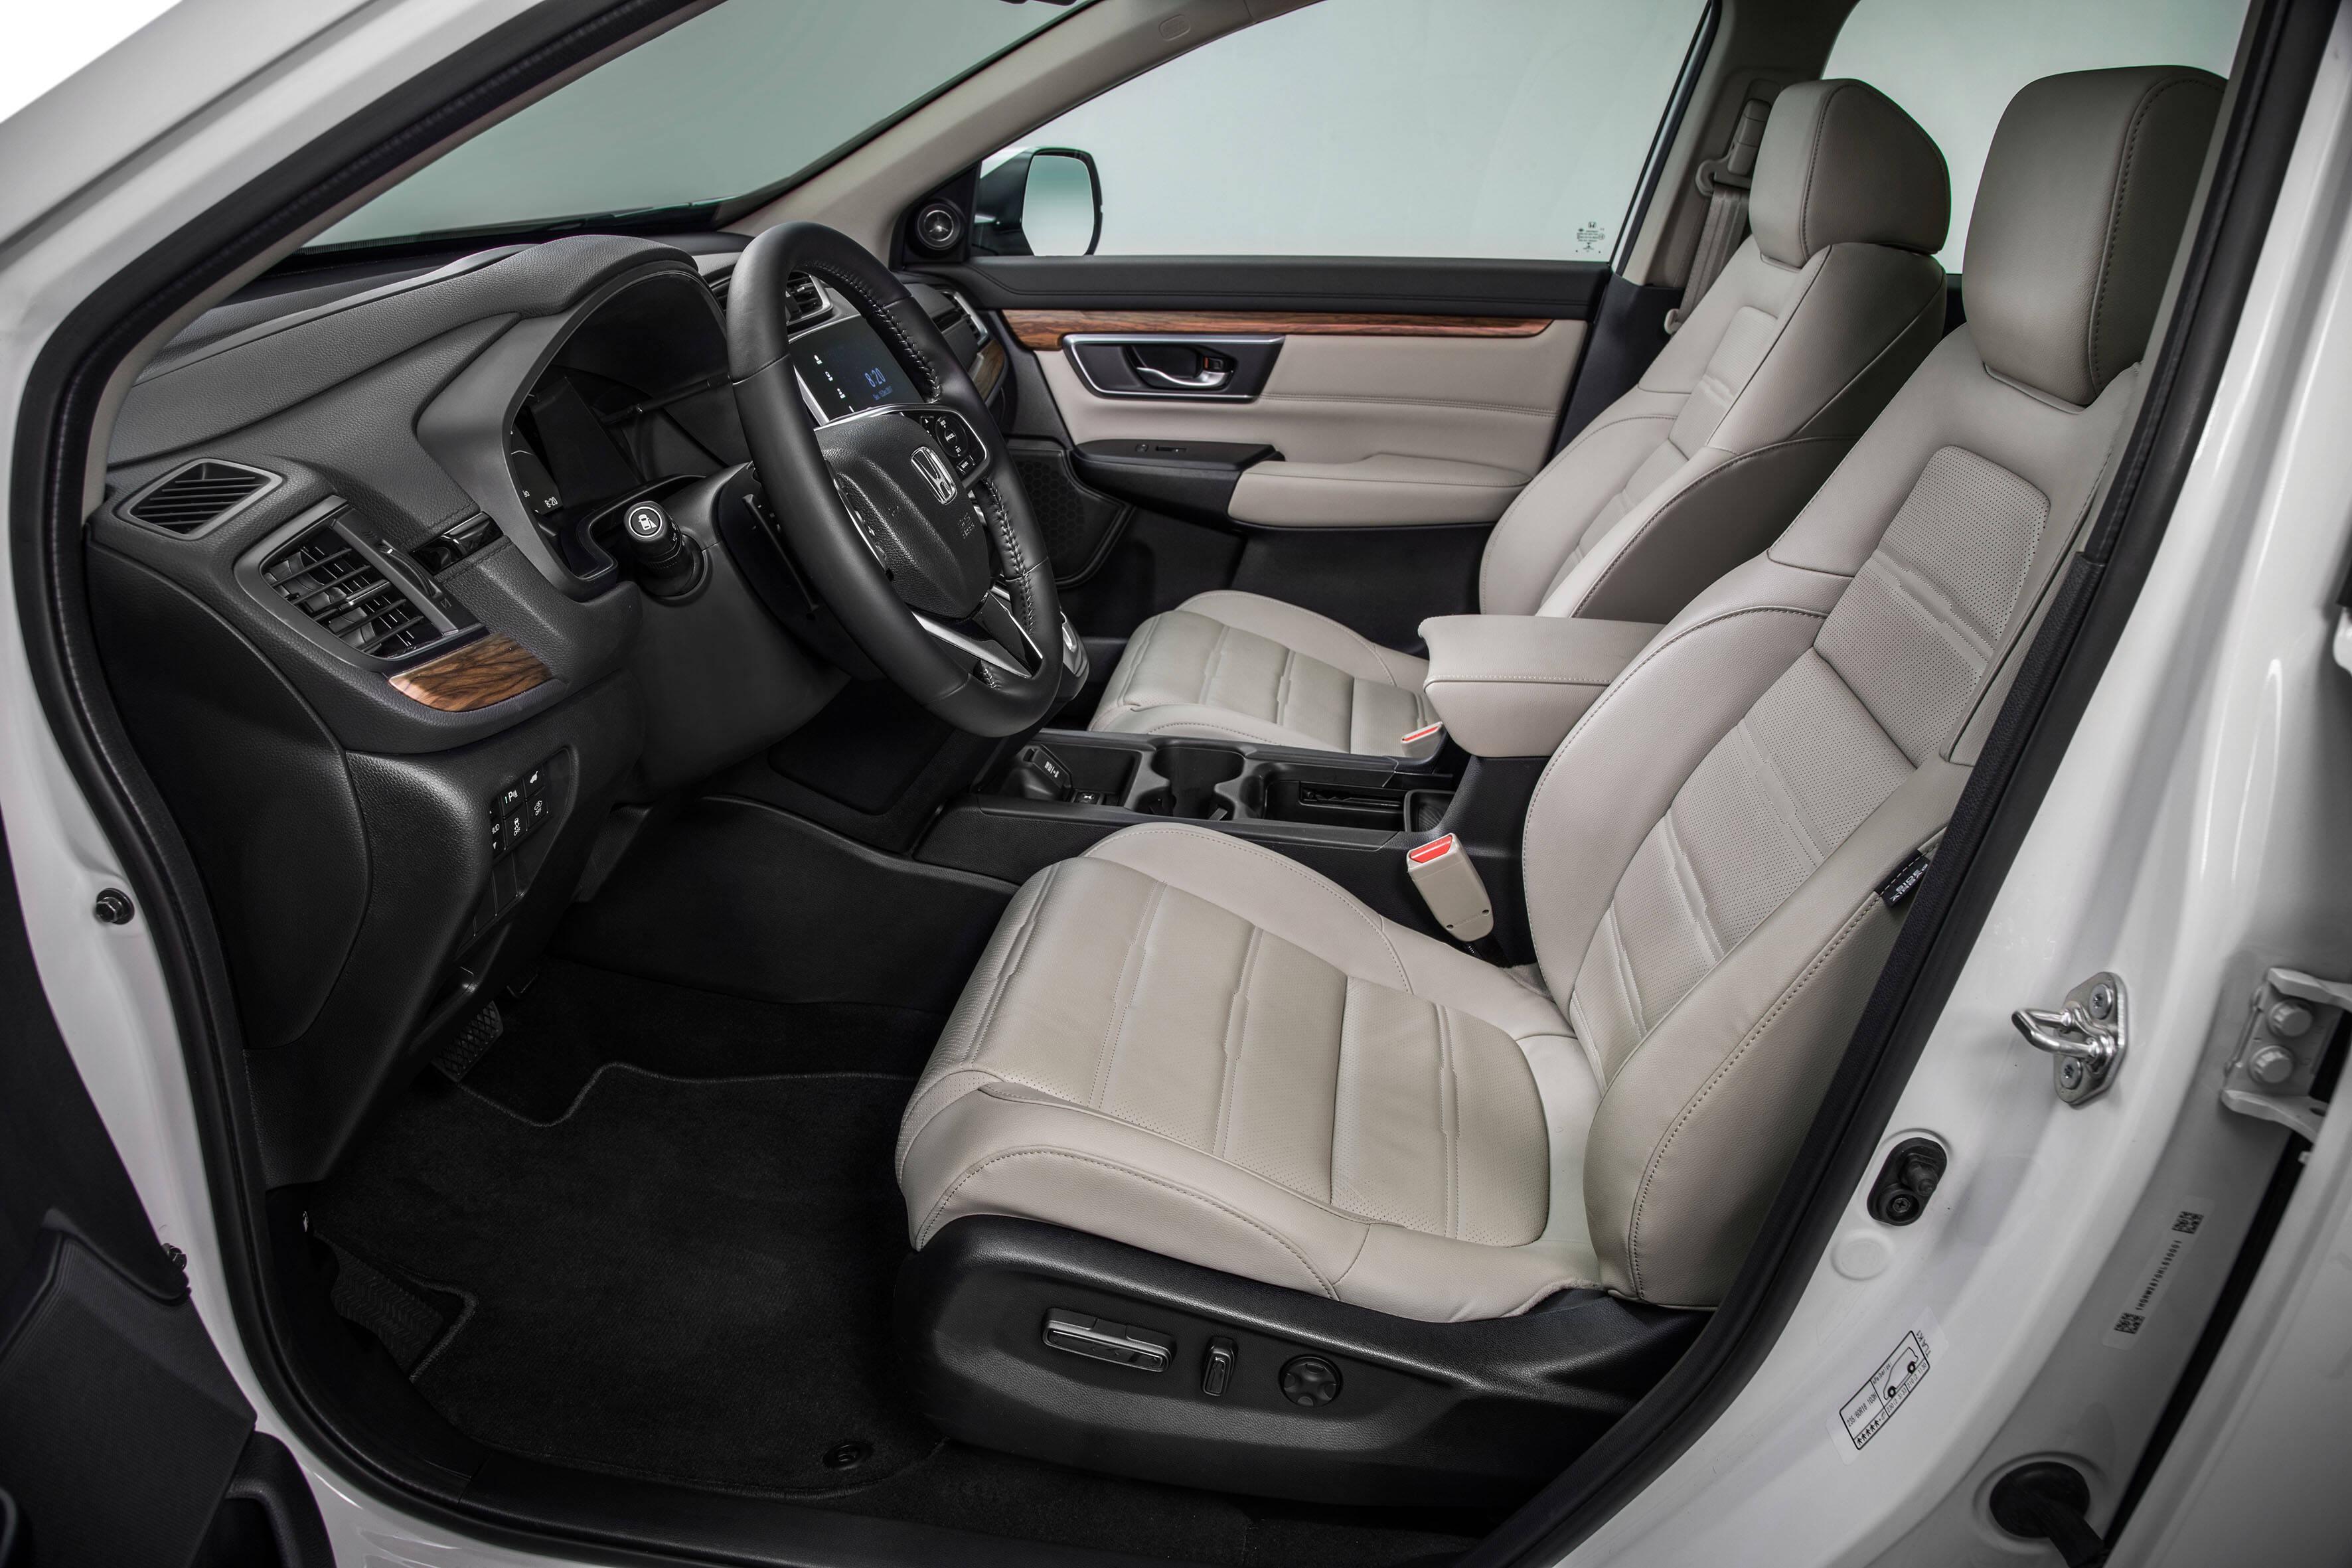 Honda CR-V. Foto: Divulgação